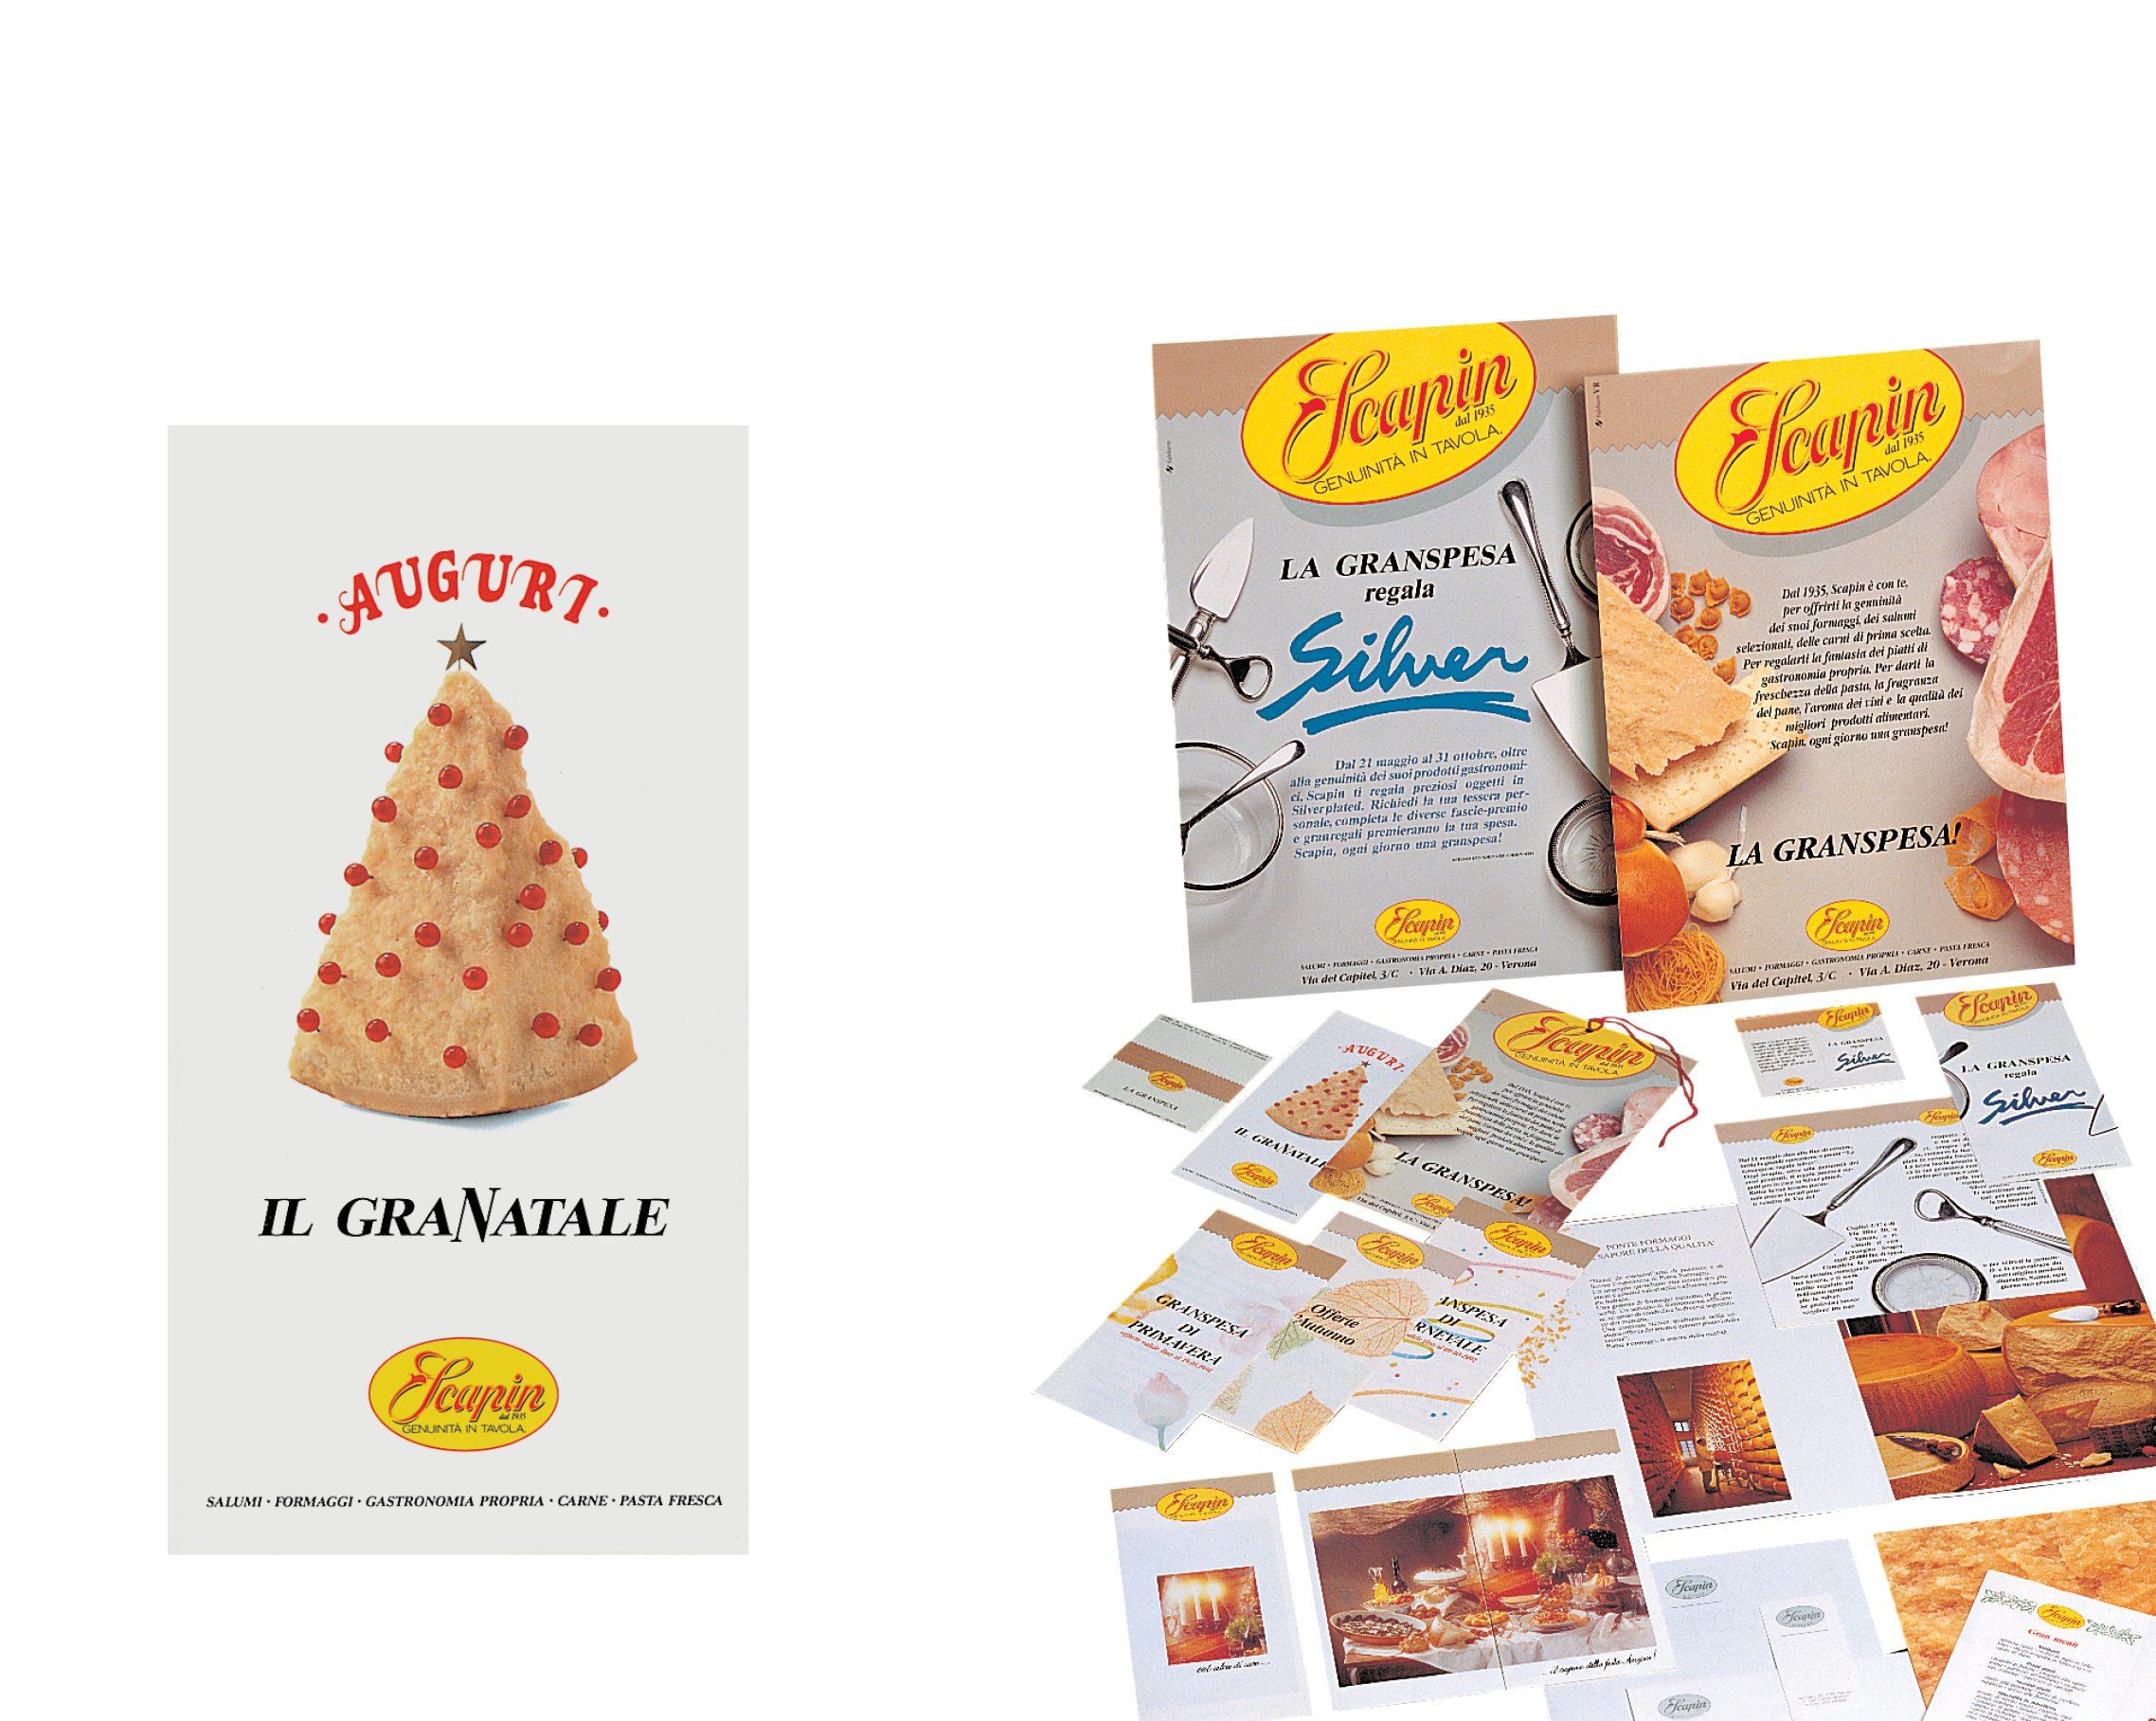 stampati commerciali art direction, gestione campagne promozionali